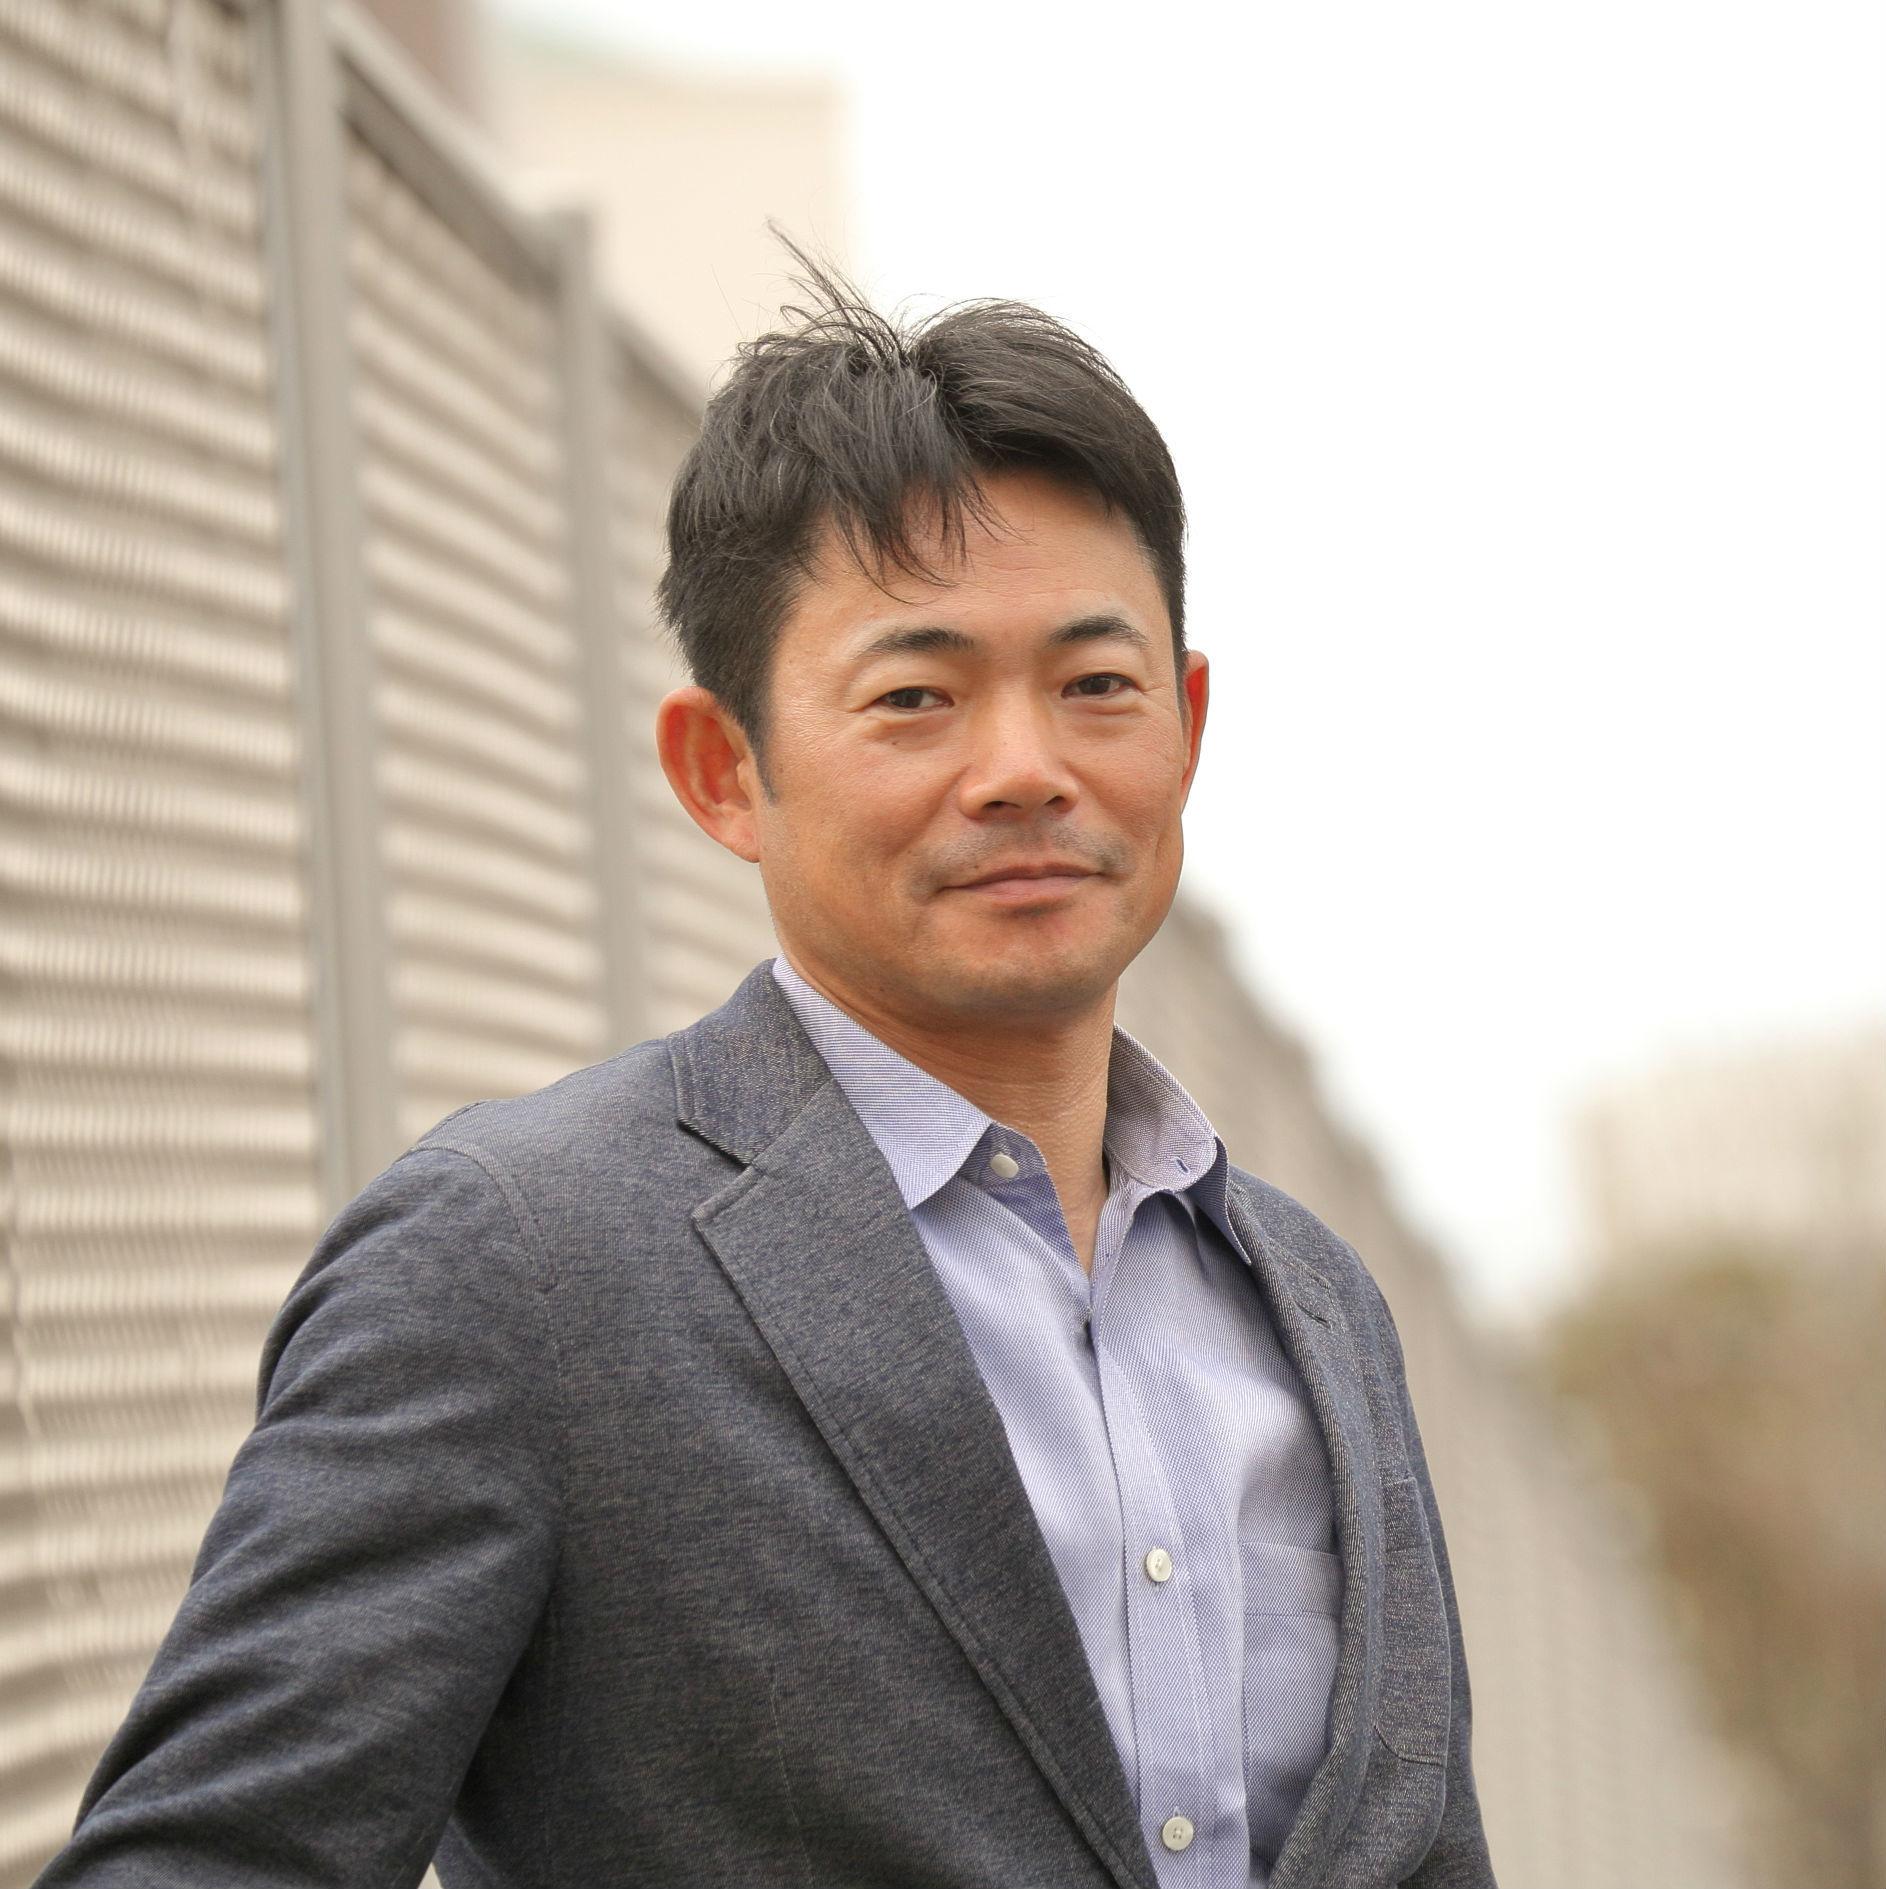 「甲子園は甲子園でなければならないのか?」仁志敏久氏の高校野球改革案